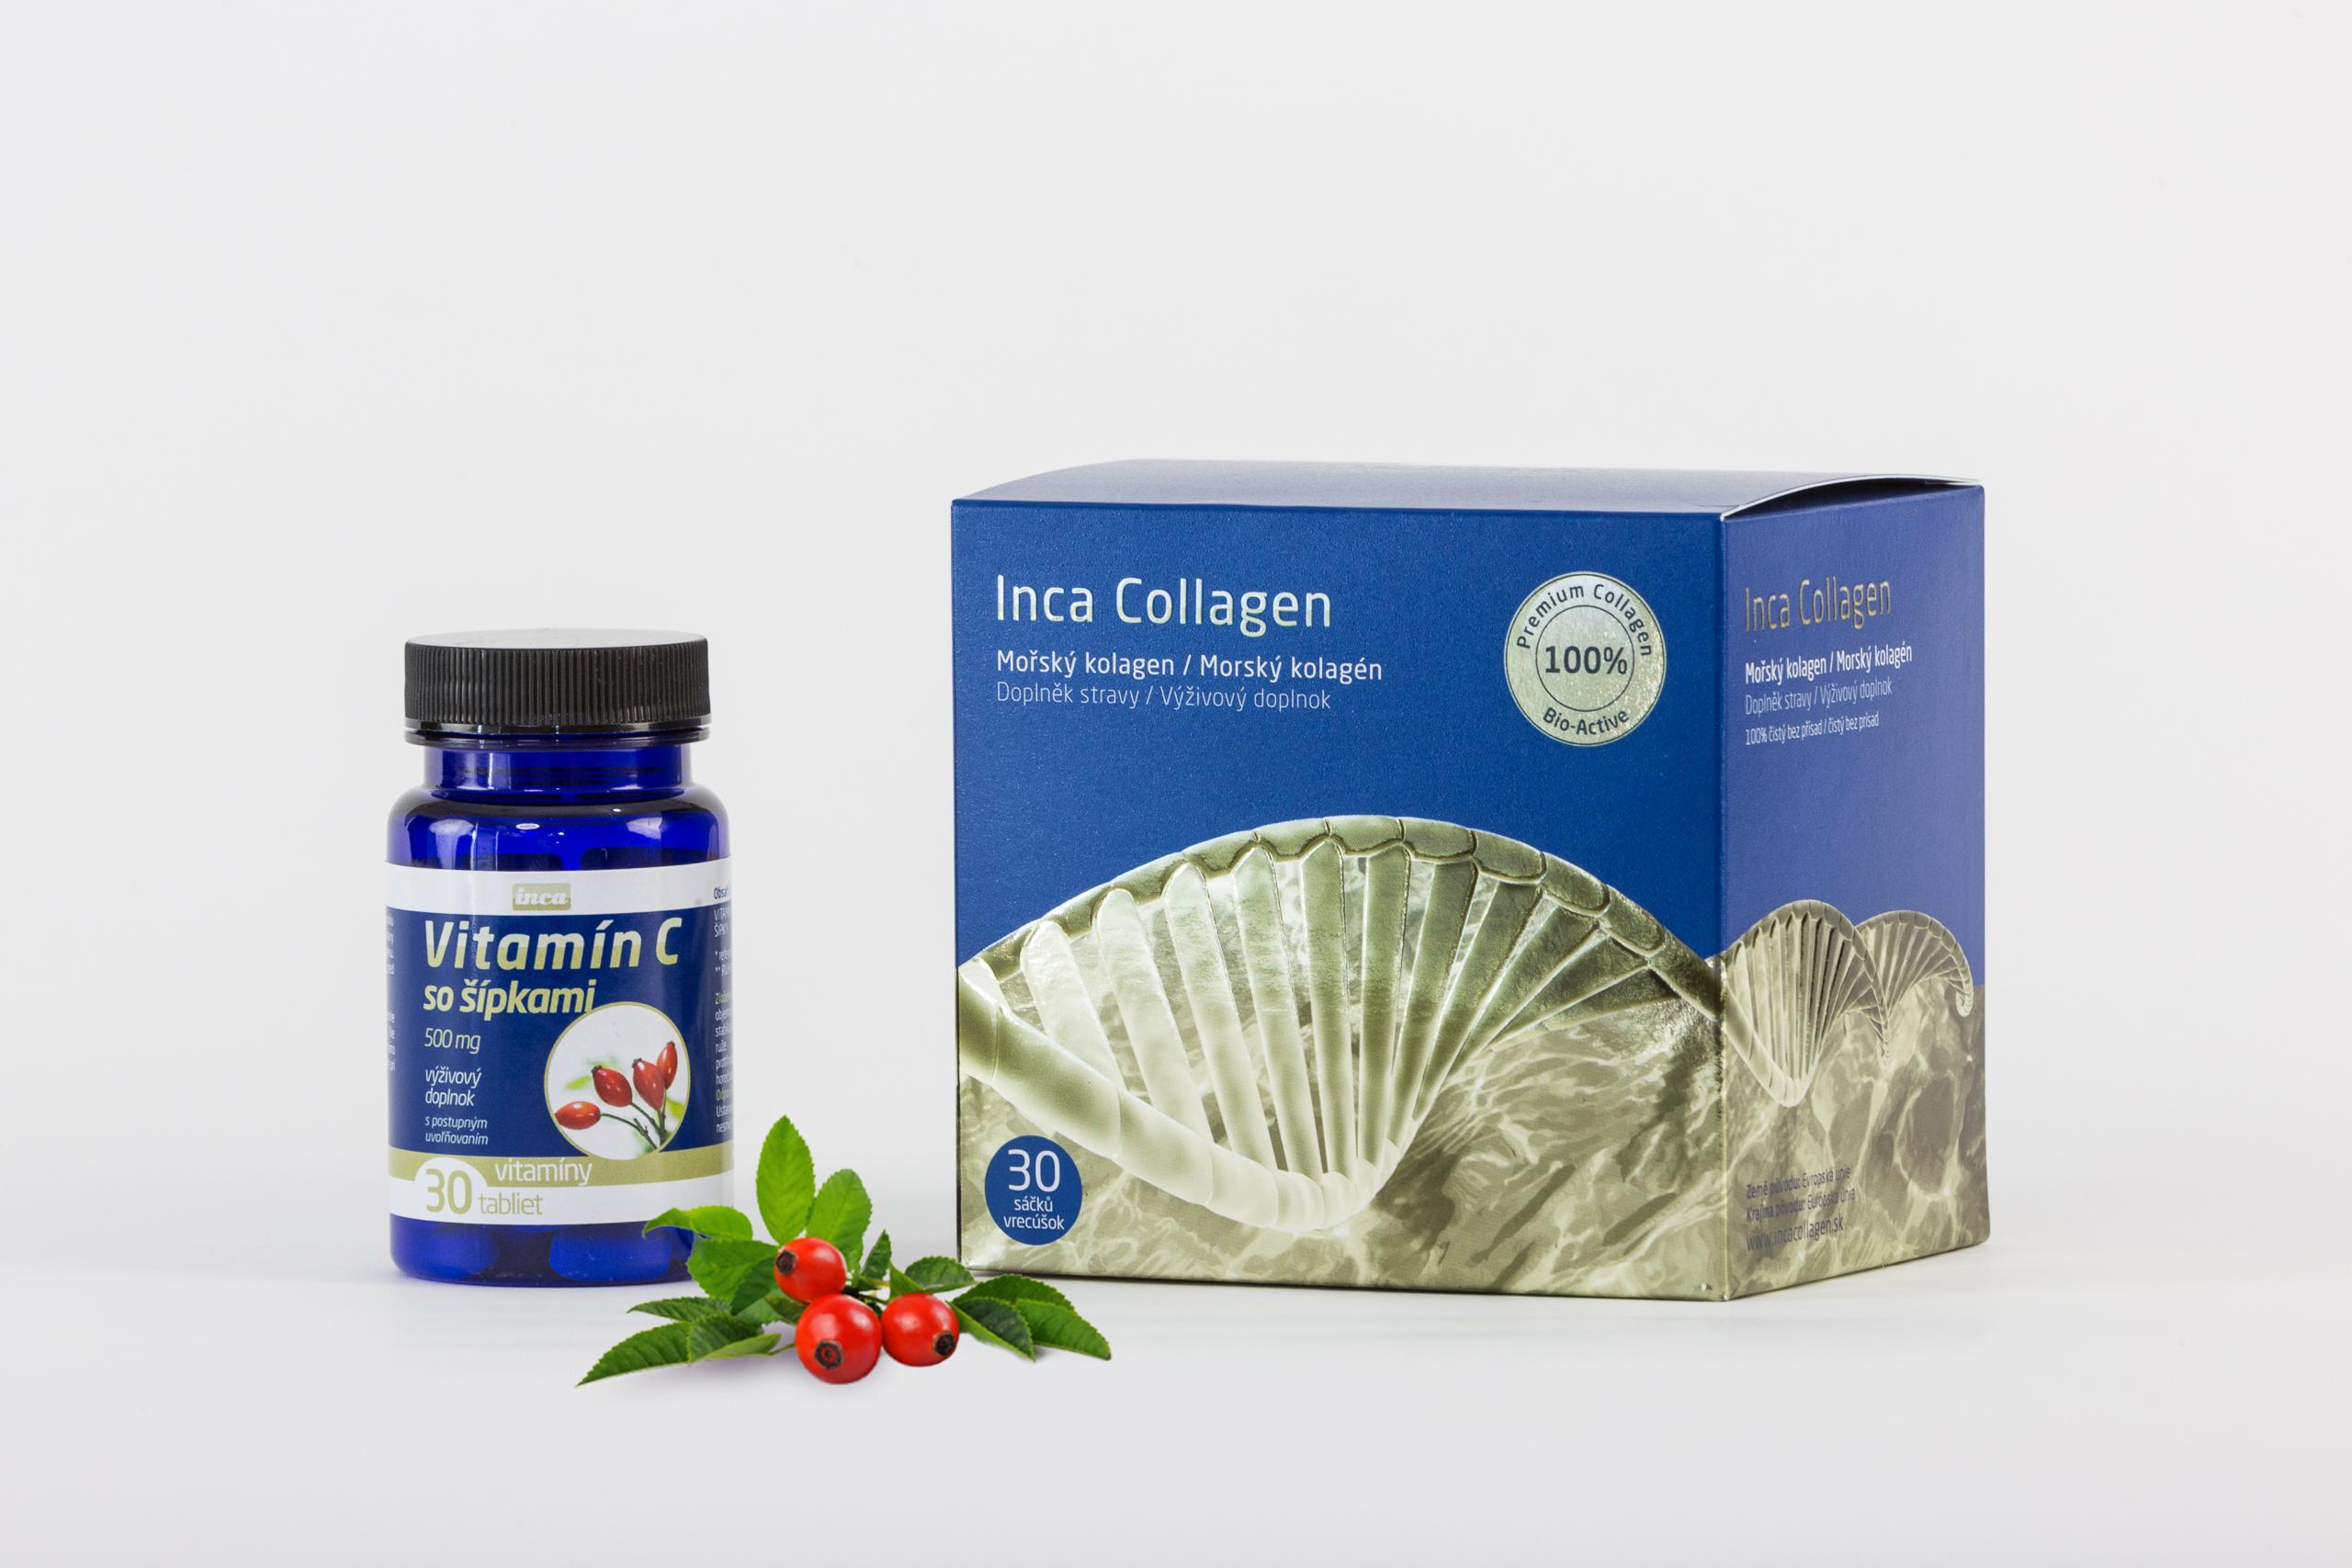 Inca Collagen - Mořský kolagen 100% čistý bez přísad